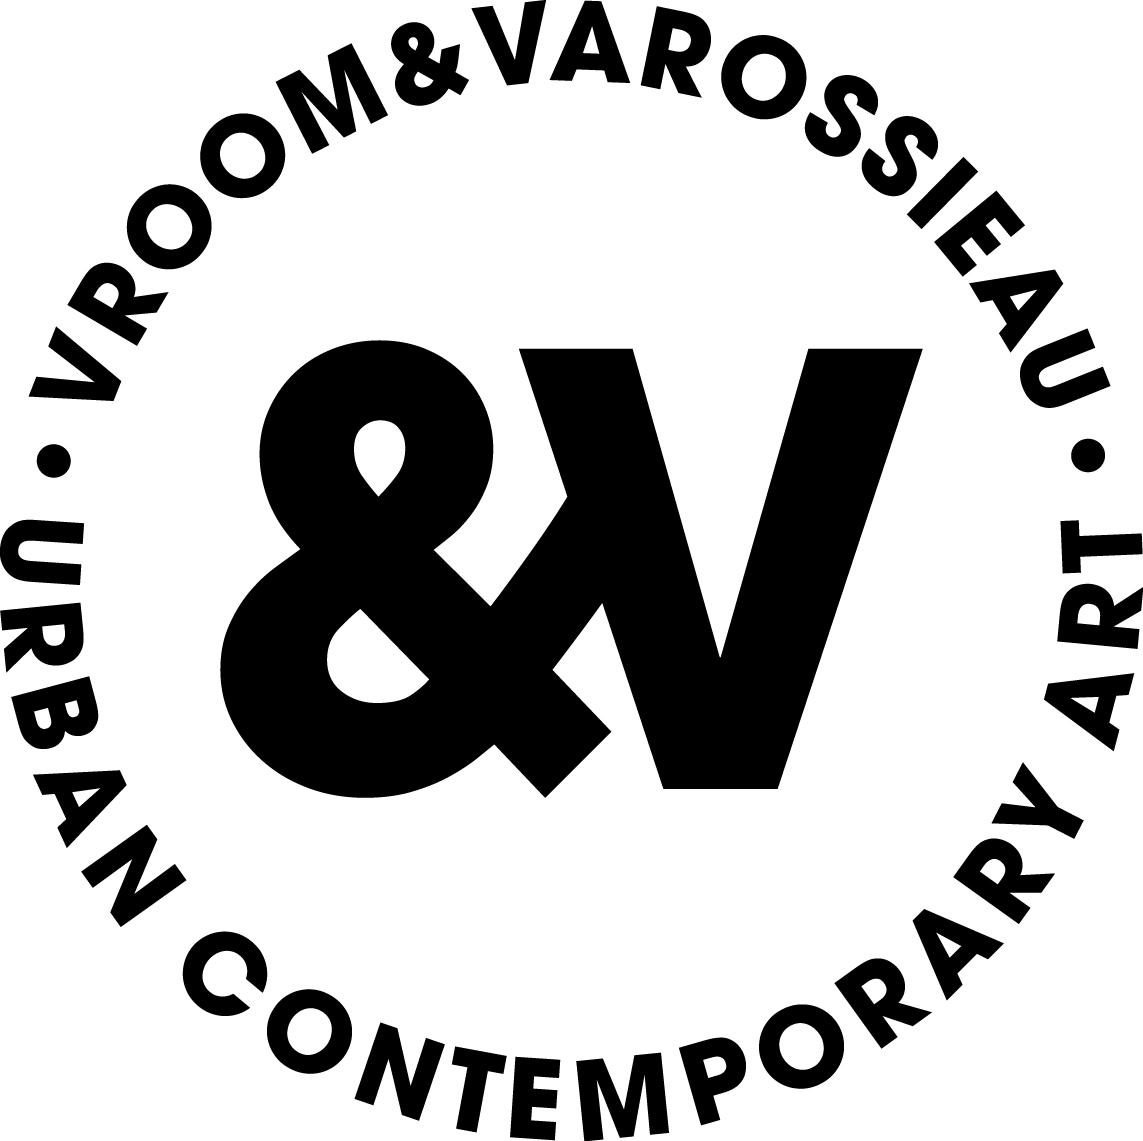 Vroom & Varossieau